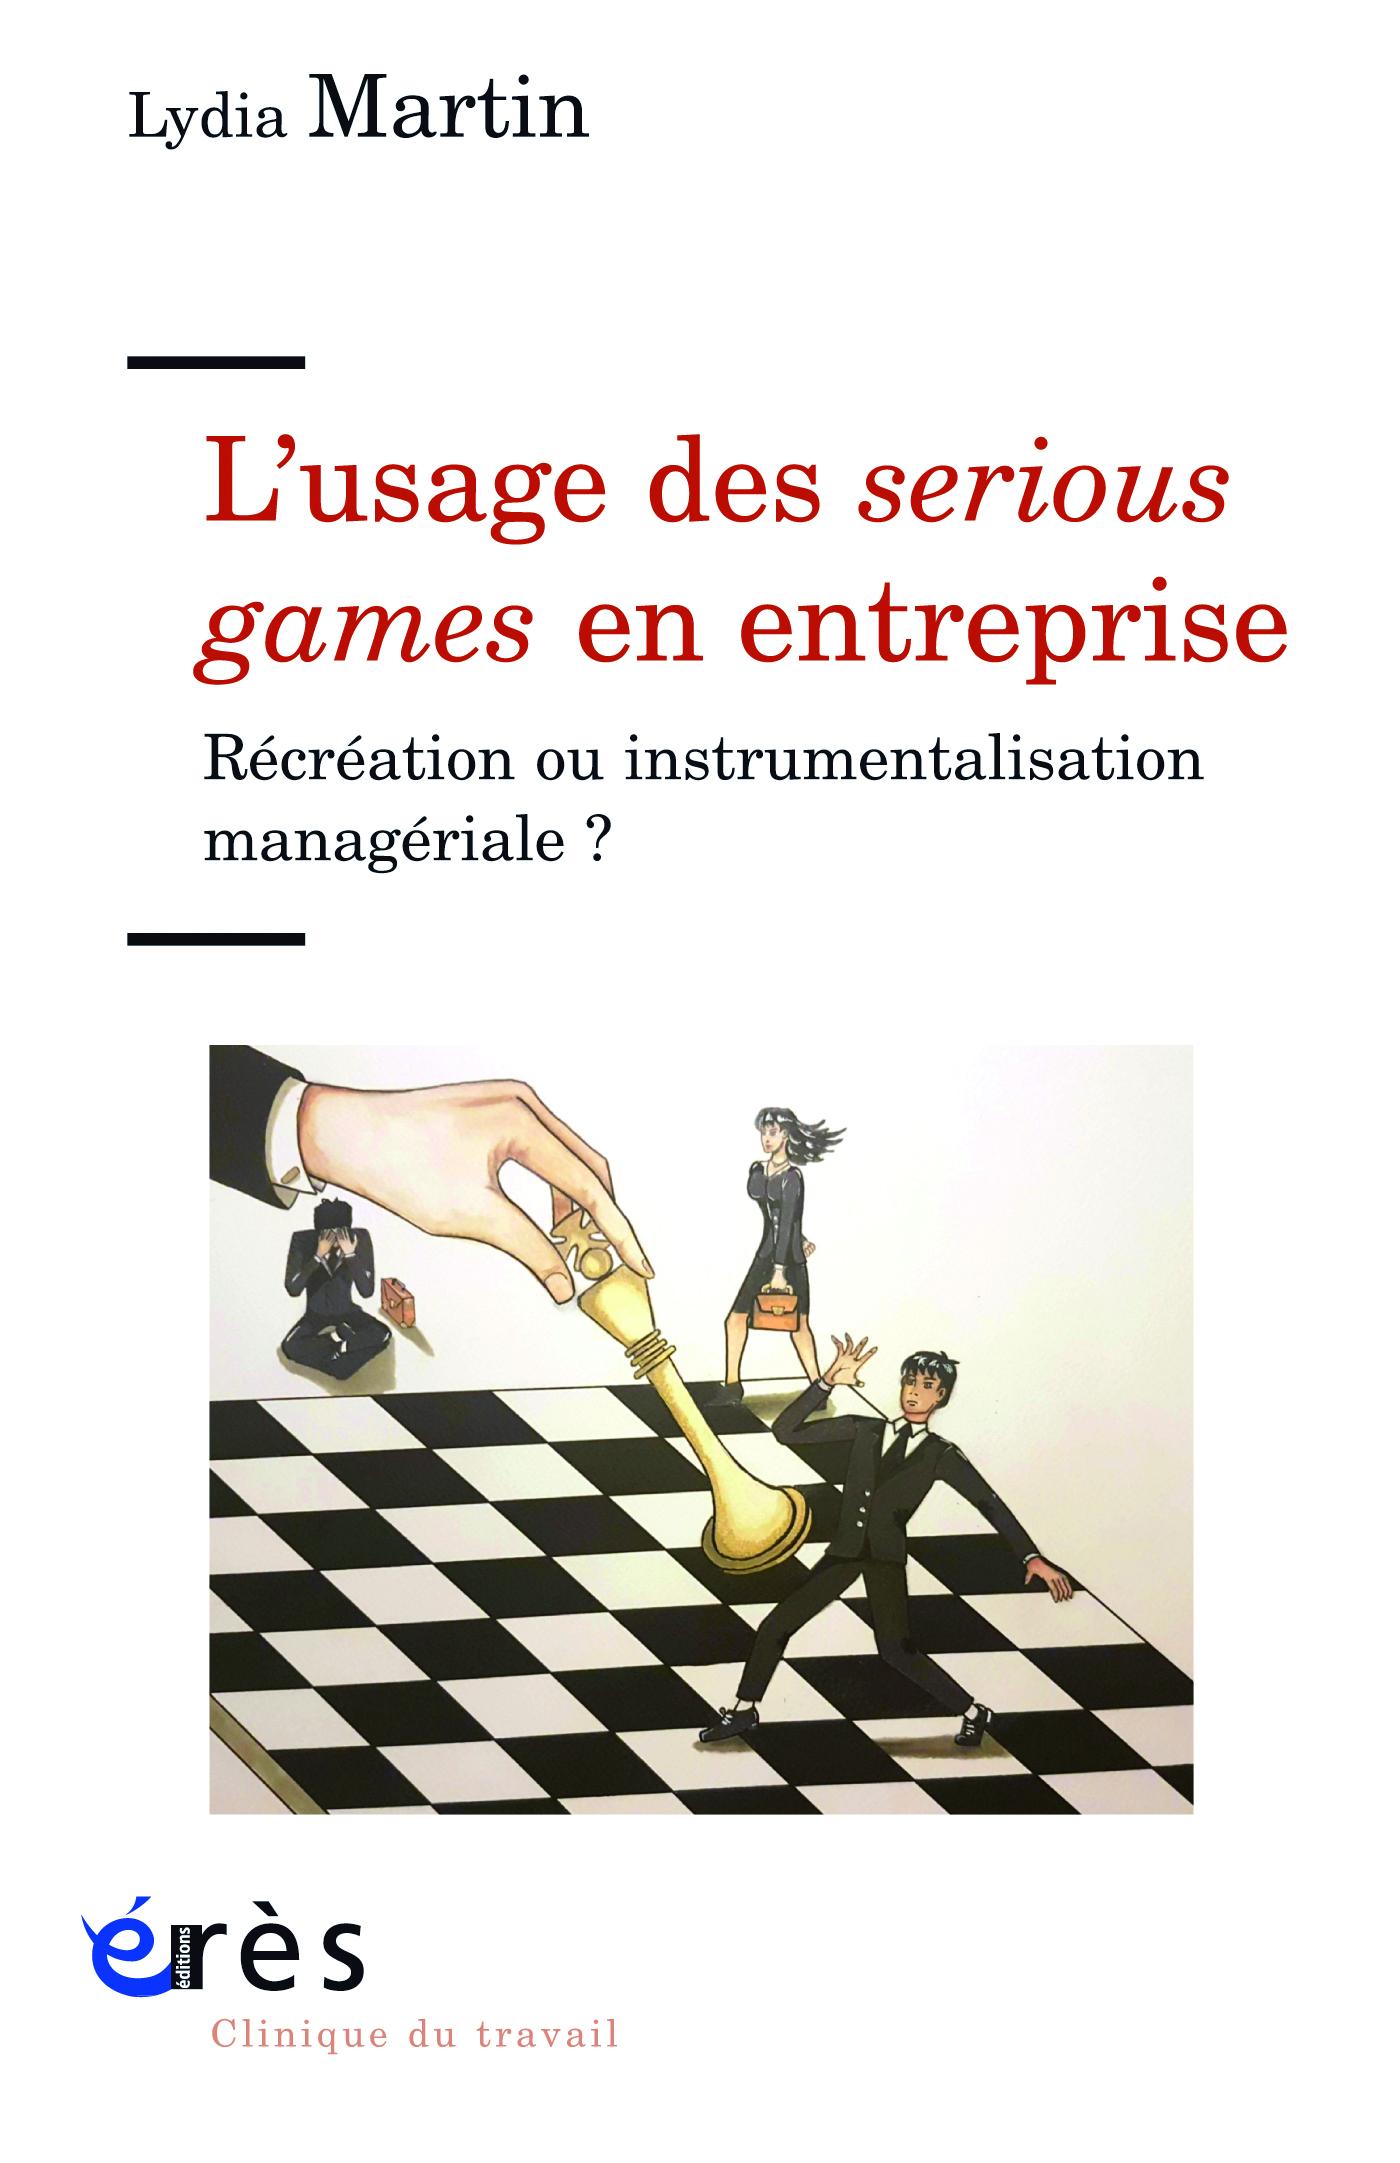 L'usage des serious games en entreprise. Récréation ou instrumentalisation managériale?